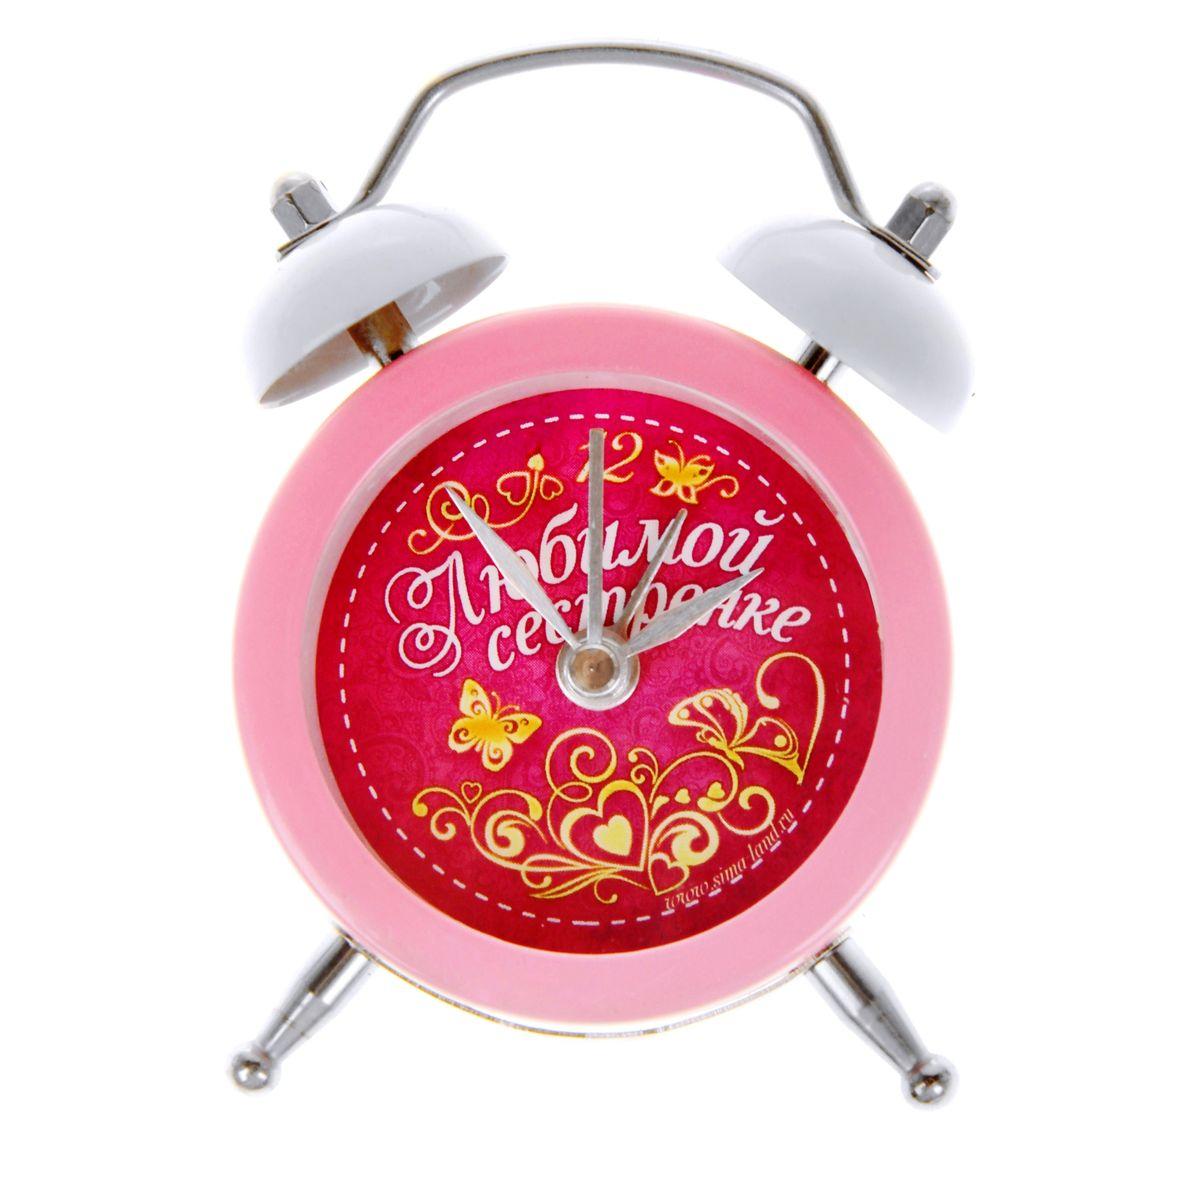 Часы-будильник Sima-land Любимой сестренке, цвет: розовый, белыйMRC 4121 P schwarzКак же сложно иногда вставать вовремя! Всегда так хочется поспать еще хотя бы 5 минут и бывает, что мы просыпаем. Теперь этого не случится! Яркий, оригинальный будильник Sima-land Любимой сестренке поможет вам всегда вставать в нужное время и успевать везде и всюду. Будильник станет отличным подарком. Эта уменьшенная версия привычного будильника умещается на ладони и работает так же громко, как и привычные аналоги. Время показывает точно и будит в установленный час.На задней панели будильника расположены переключатель включения/выключения механизма, а также два колесика для настройки текущего времени и времени звонка будильника.Будильник работает от 1 батарейки типа LR44 (входит в комплект).